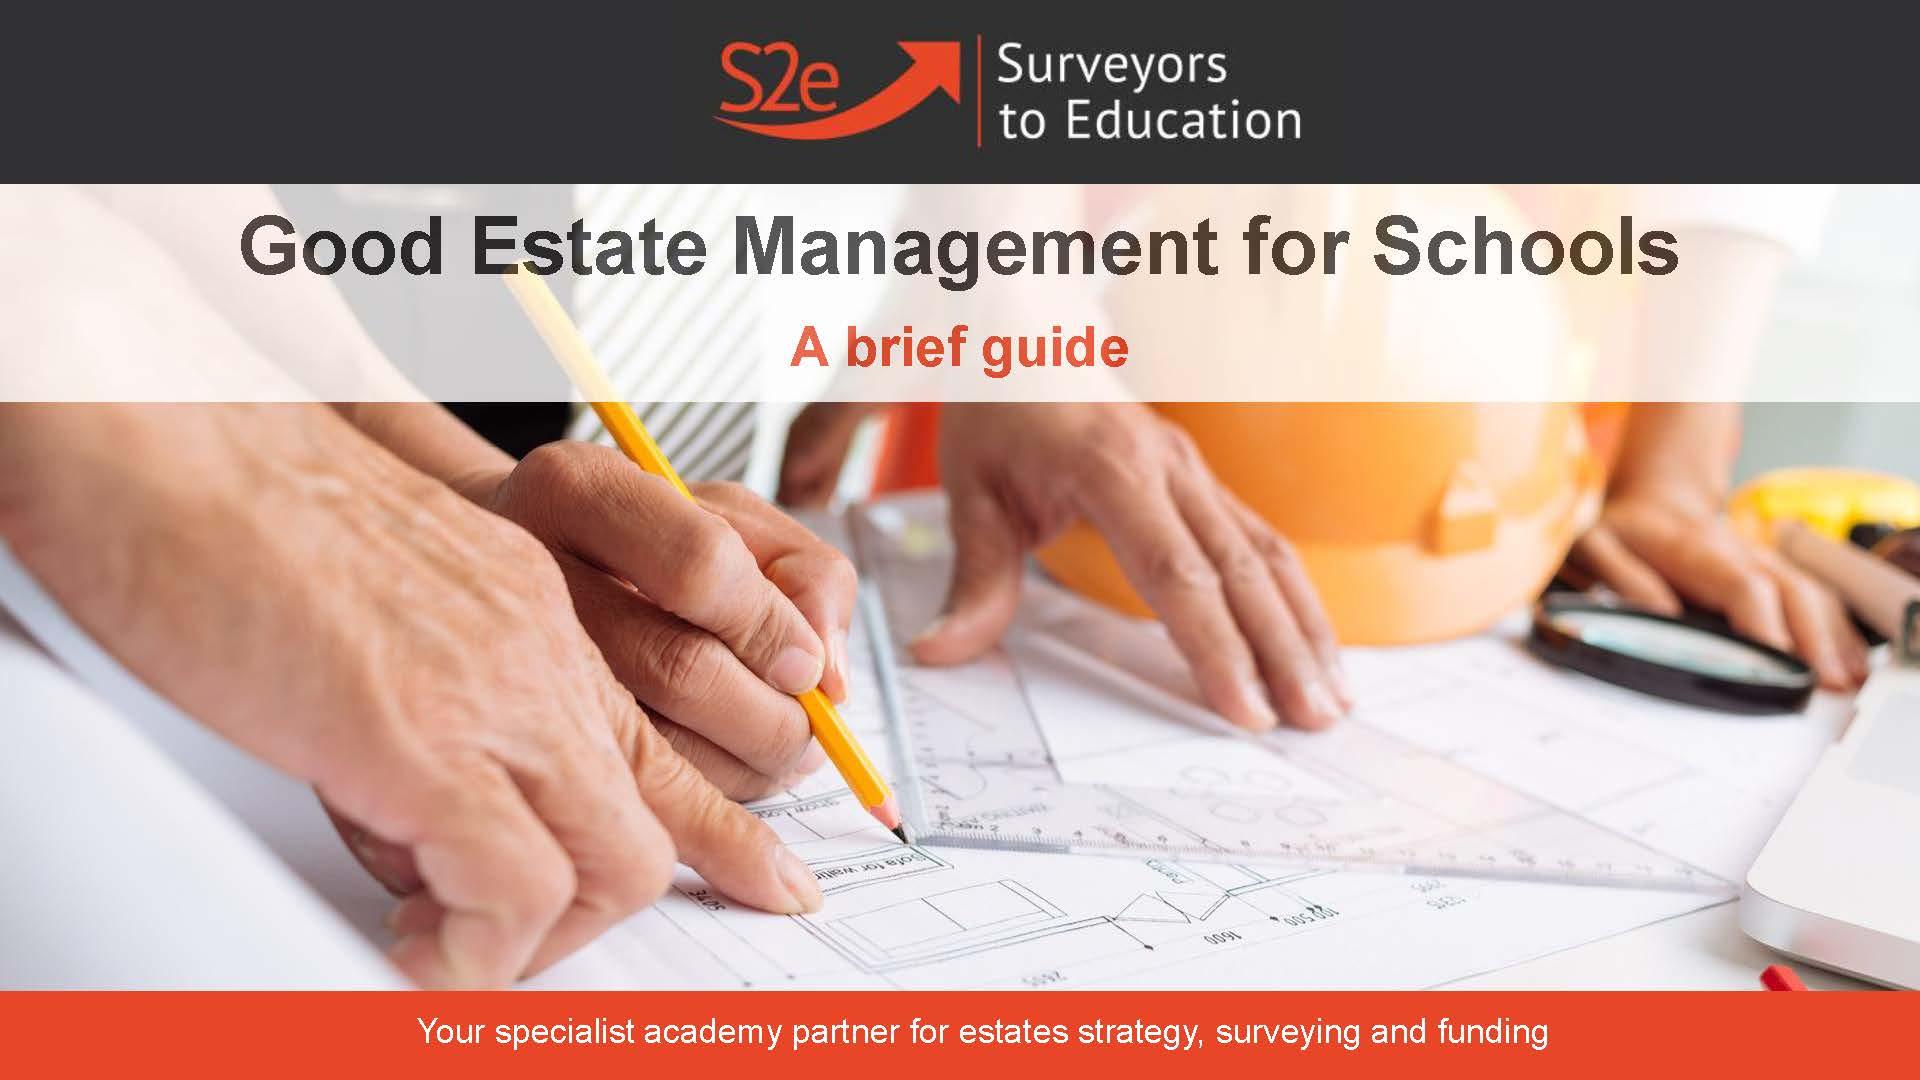 Good Estate Management for Schools eBook Cover Image.jpg